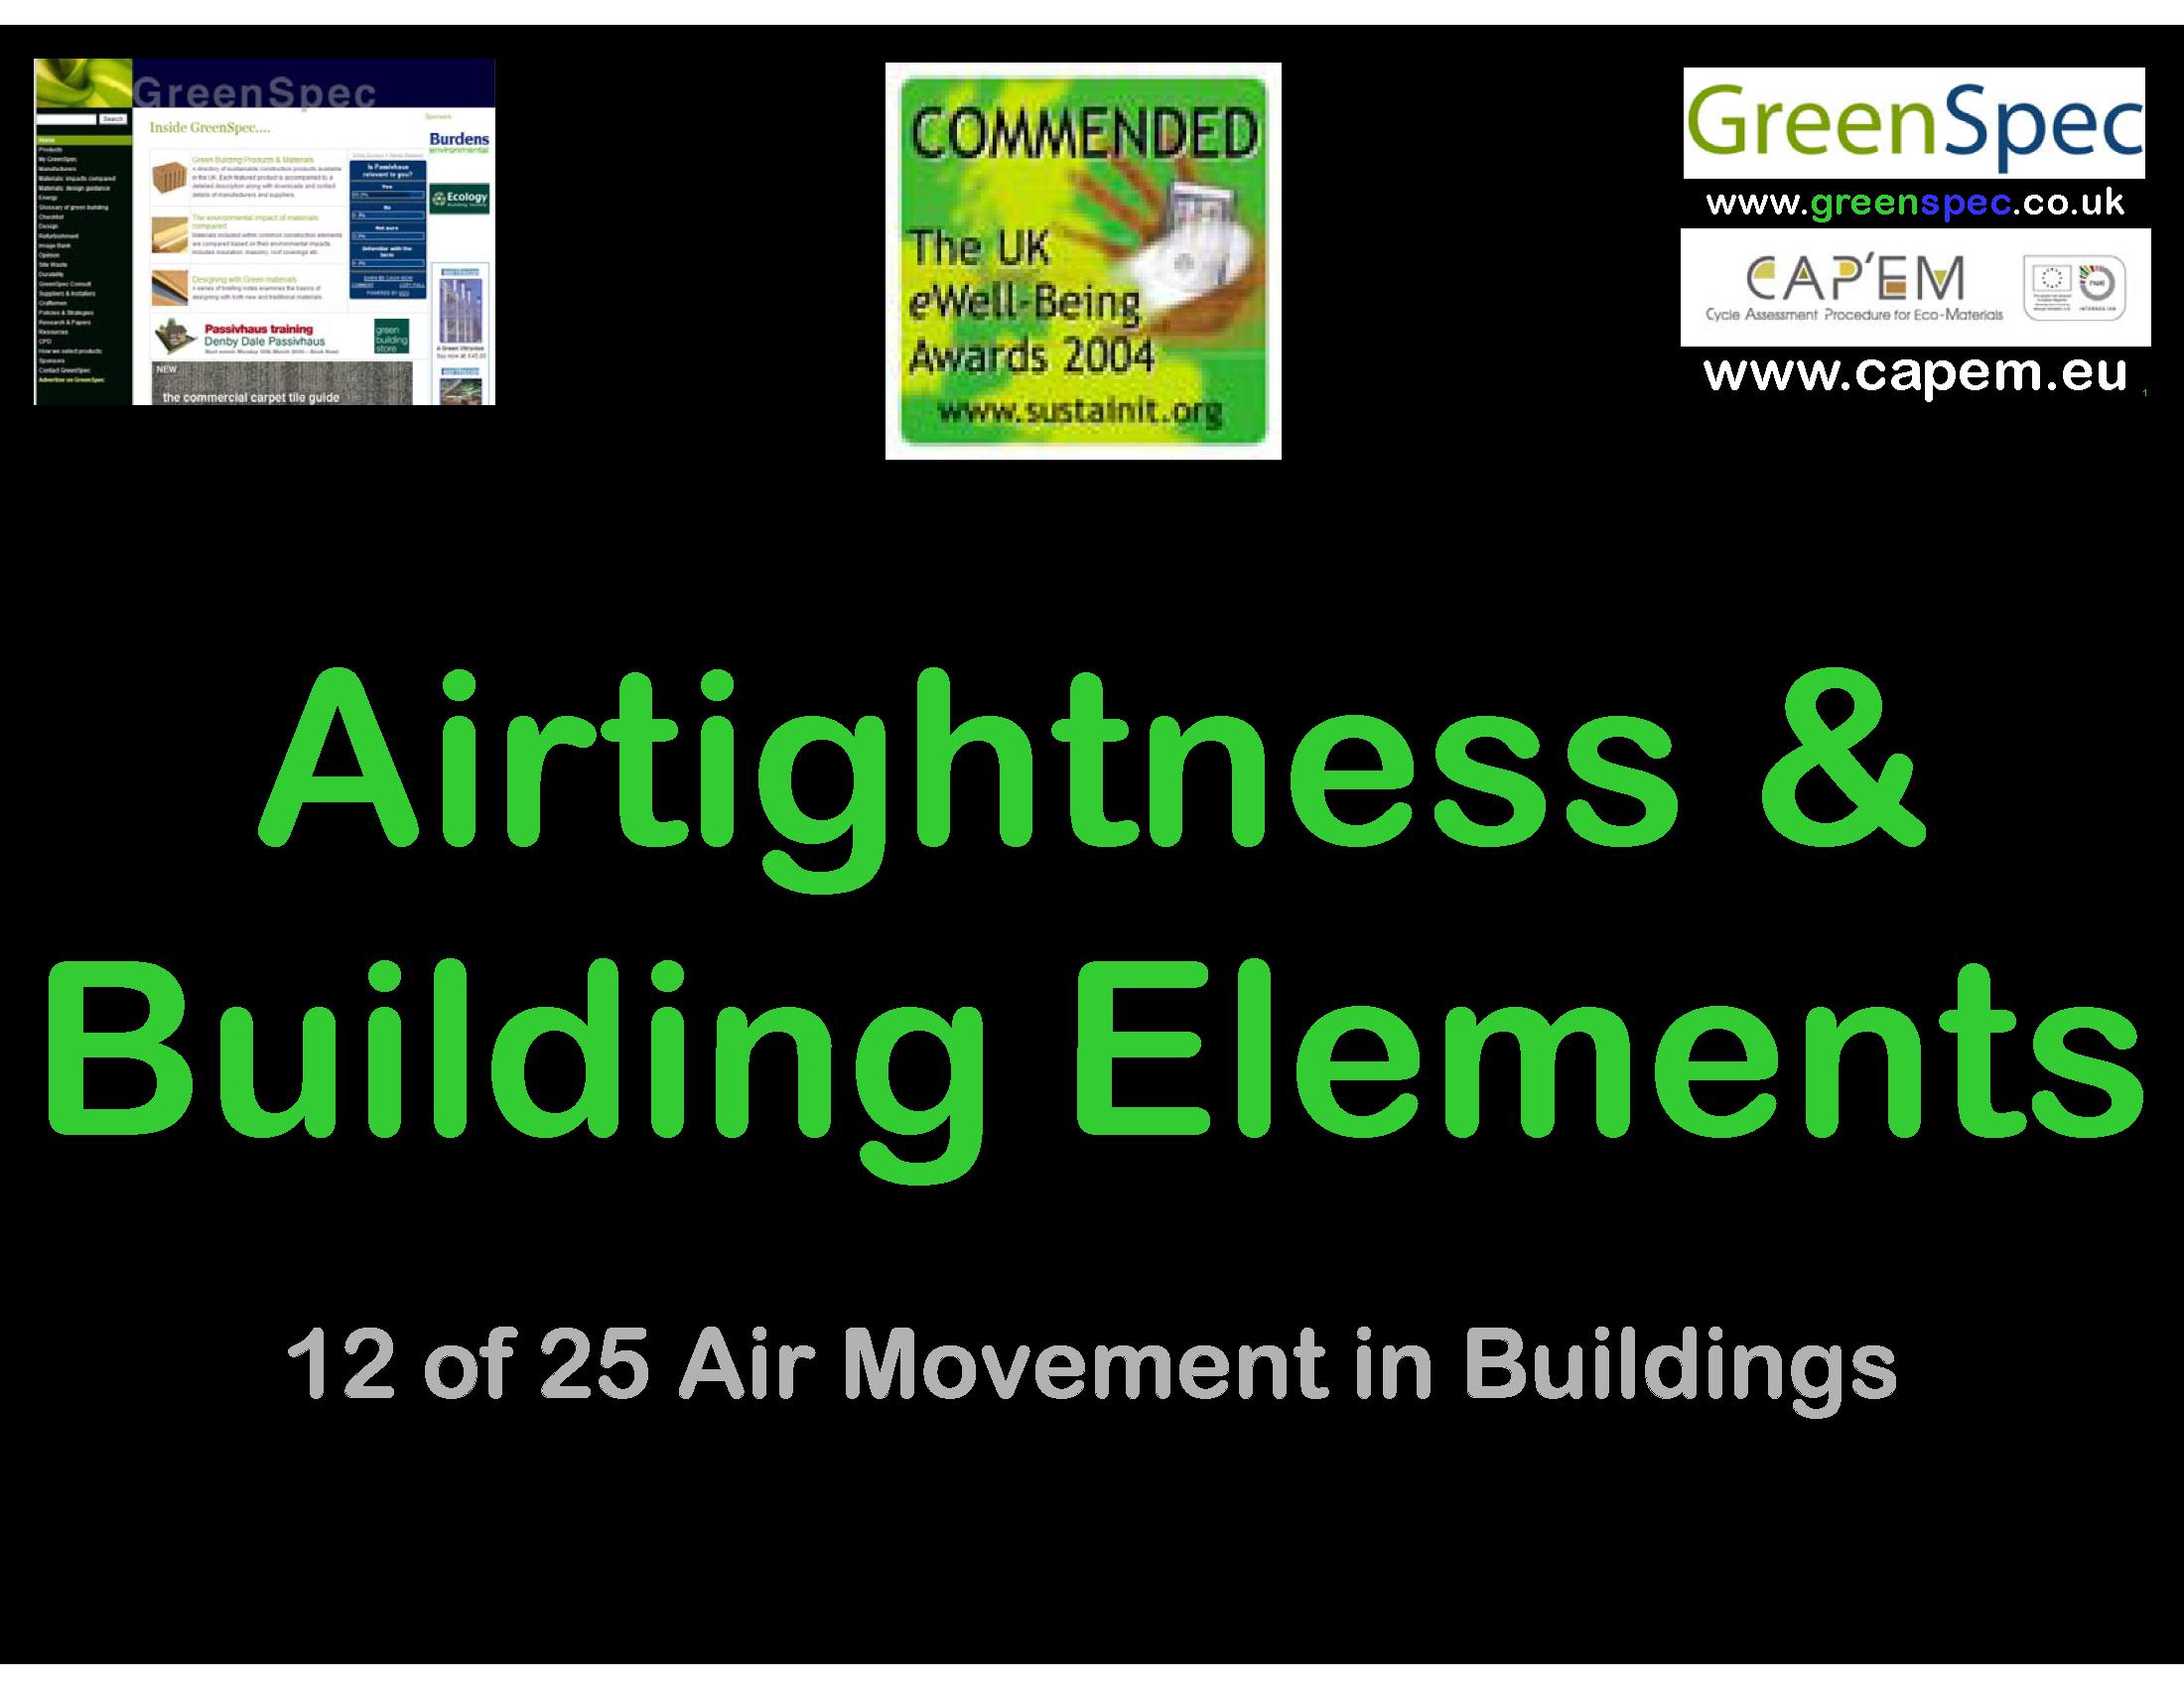 AirtightnessBuildingElements_Page_1.png